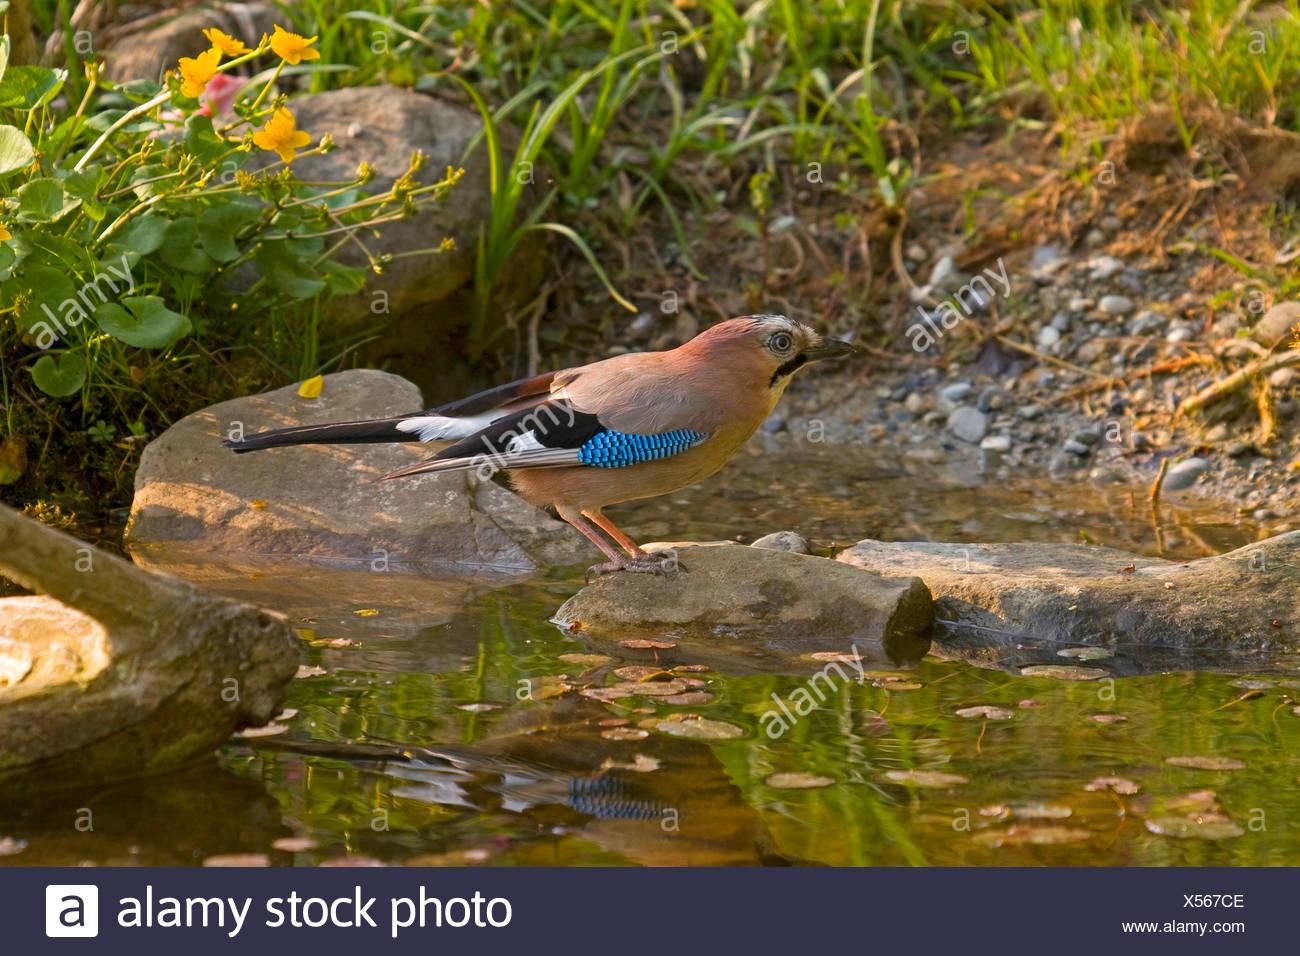 Jay (Garrulus glandarius), de pie sobre una piedra en un estanque cercano a la superficie, Suiza, Sankt Gallen Imagen De Stock